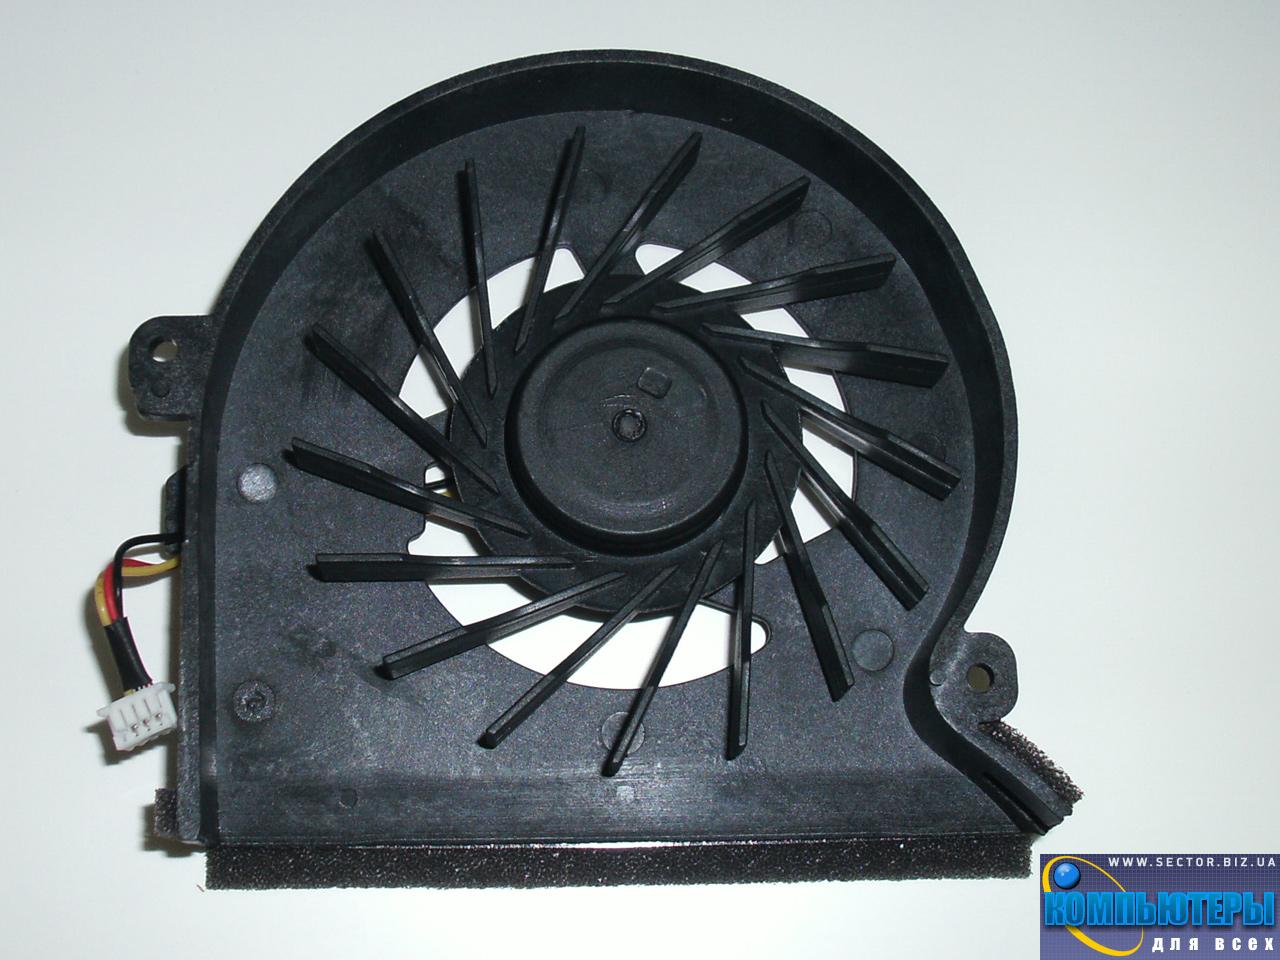 Кулер к ноутбуку Samsung P510 P560 P580 P710 R503 R505 R508 R509 R510 R700 R710 p/n: DFS651605MC0T F8V7. Фото № 1.